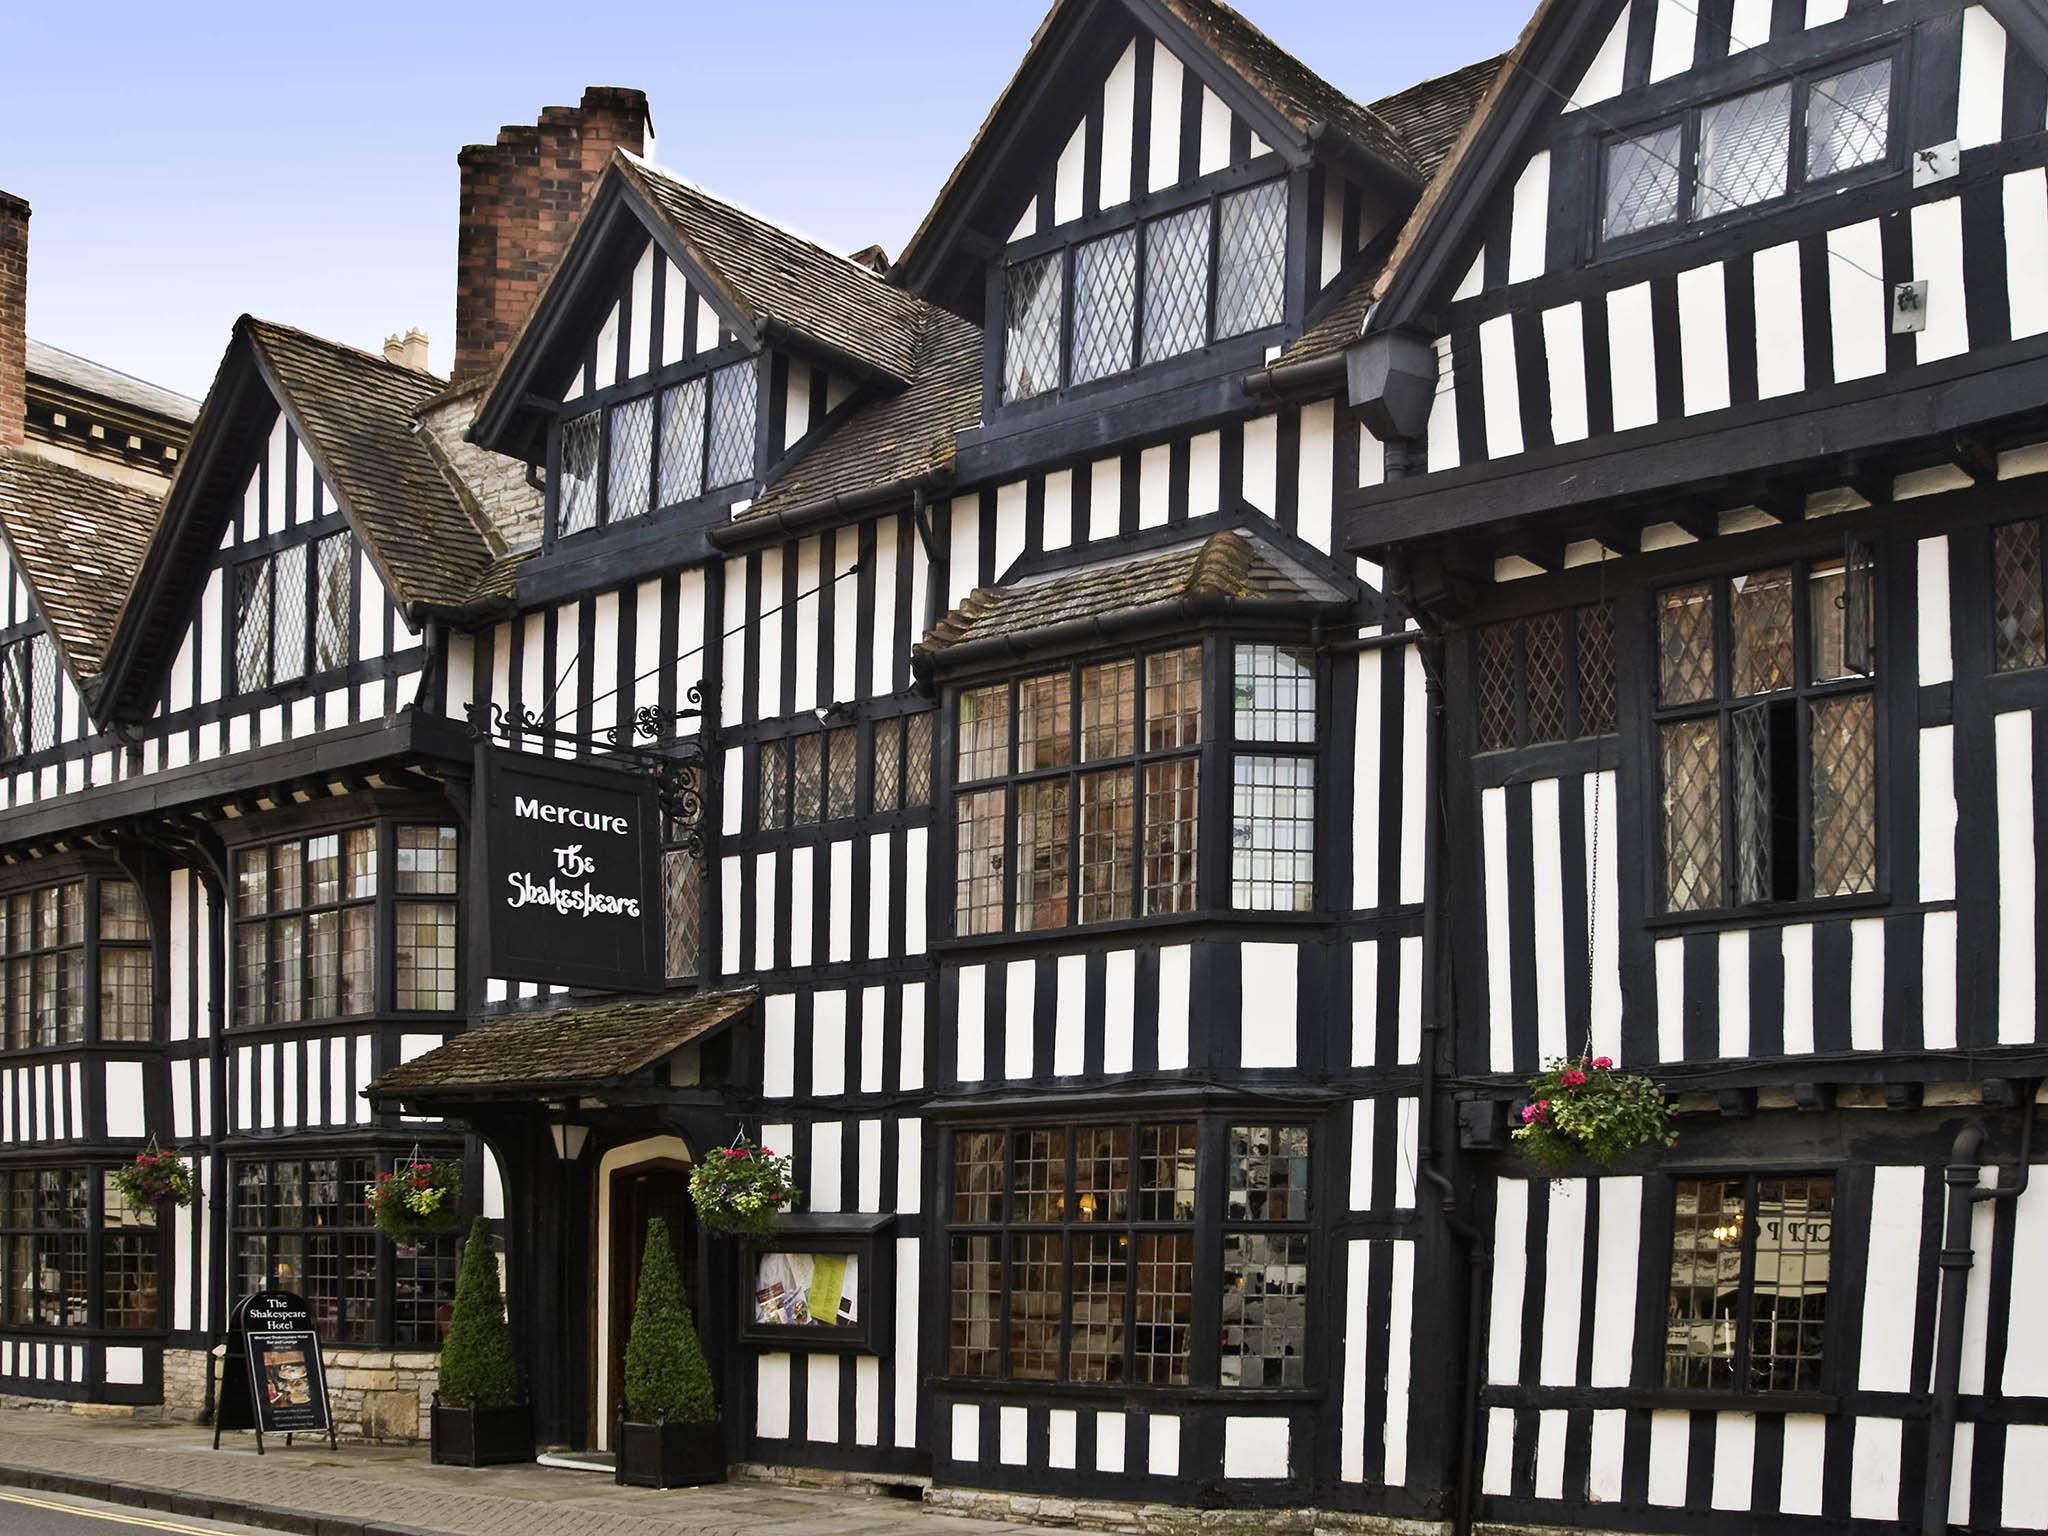 فندق - Mercure Stratford upon Avon Shakespeare Hotel